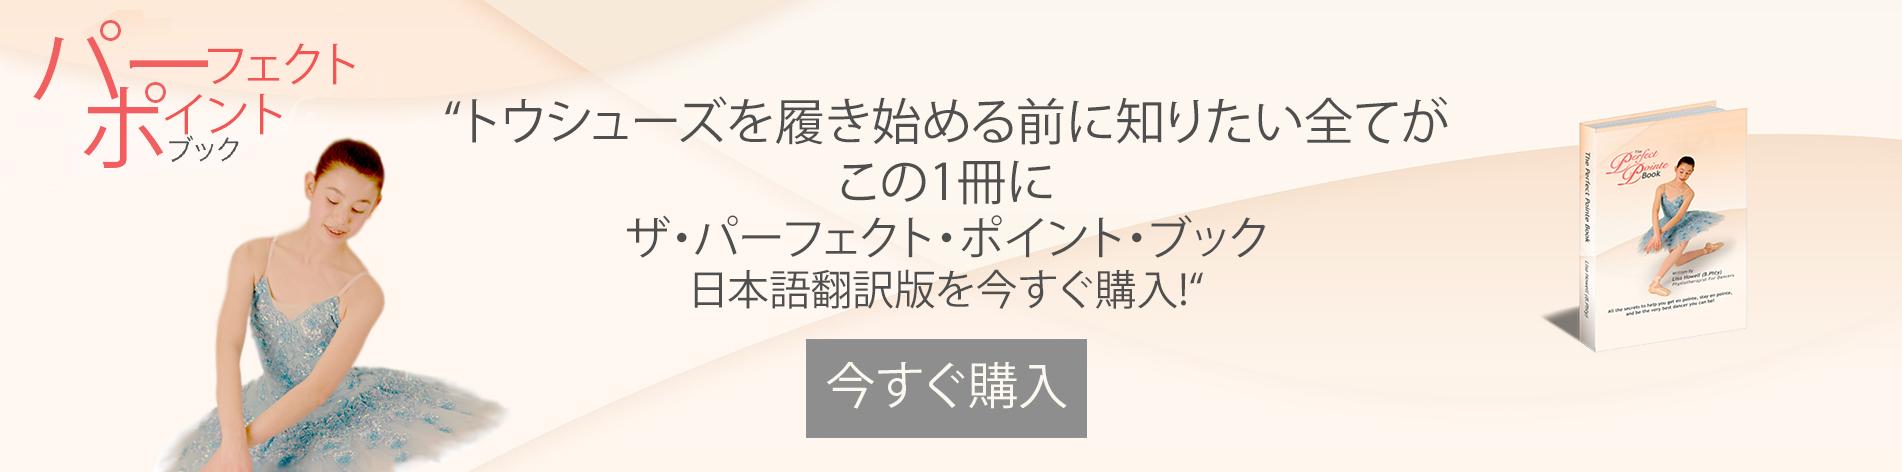 TPPB_Banner_japanese